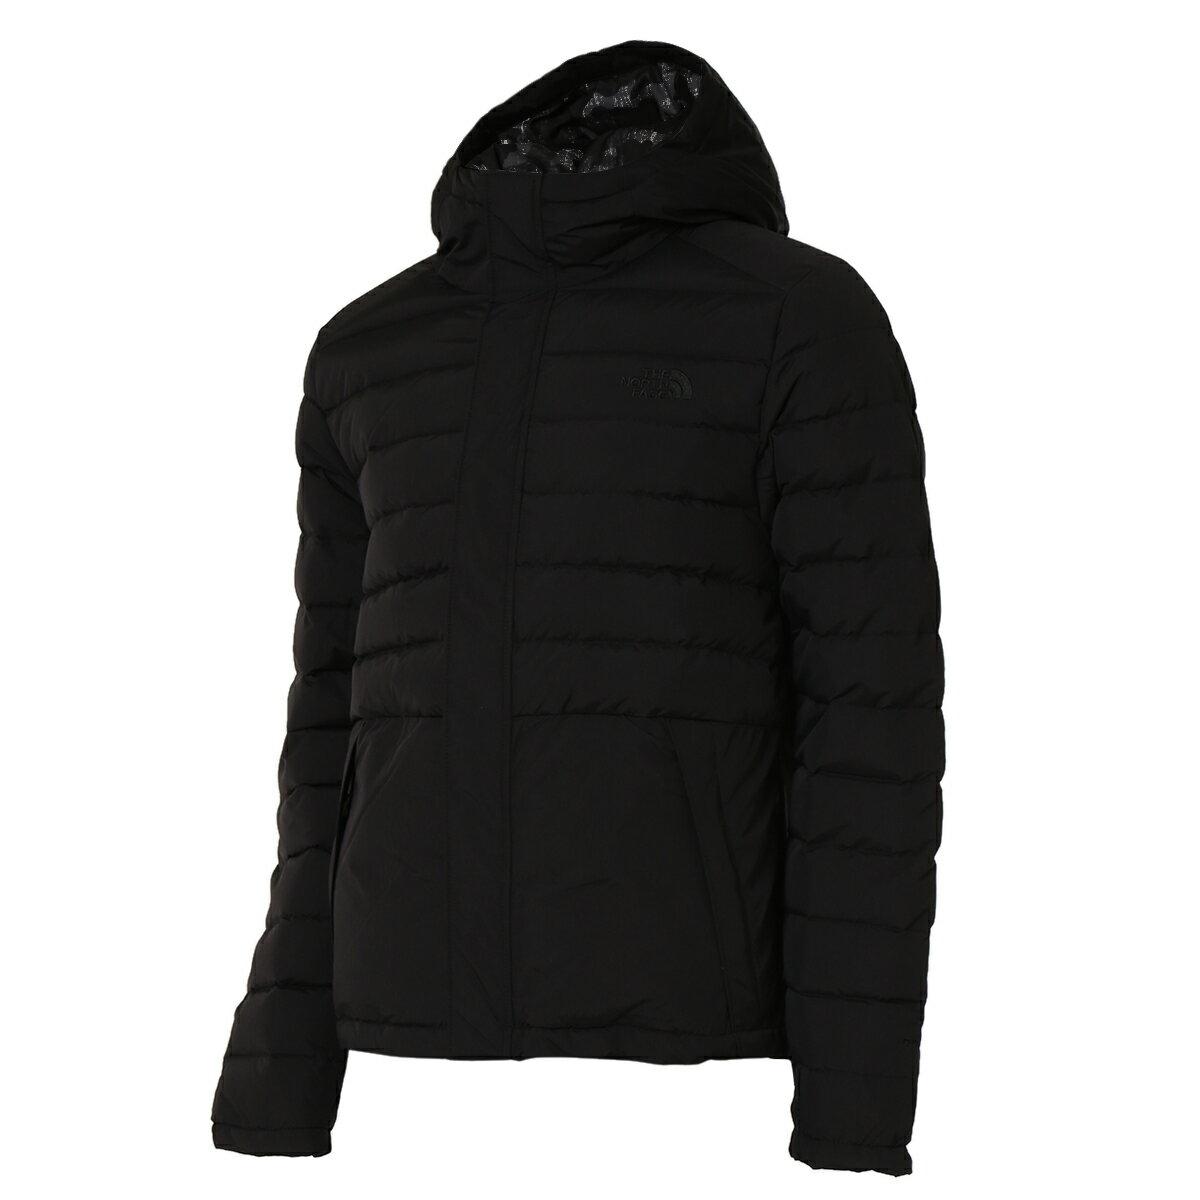 【即納】ザ ノースフェイス The North face メンズ アウター ダウン・中綿ジャケット【Down Jacket】BLACK